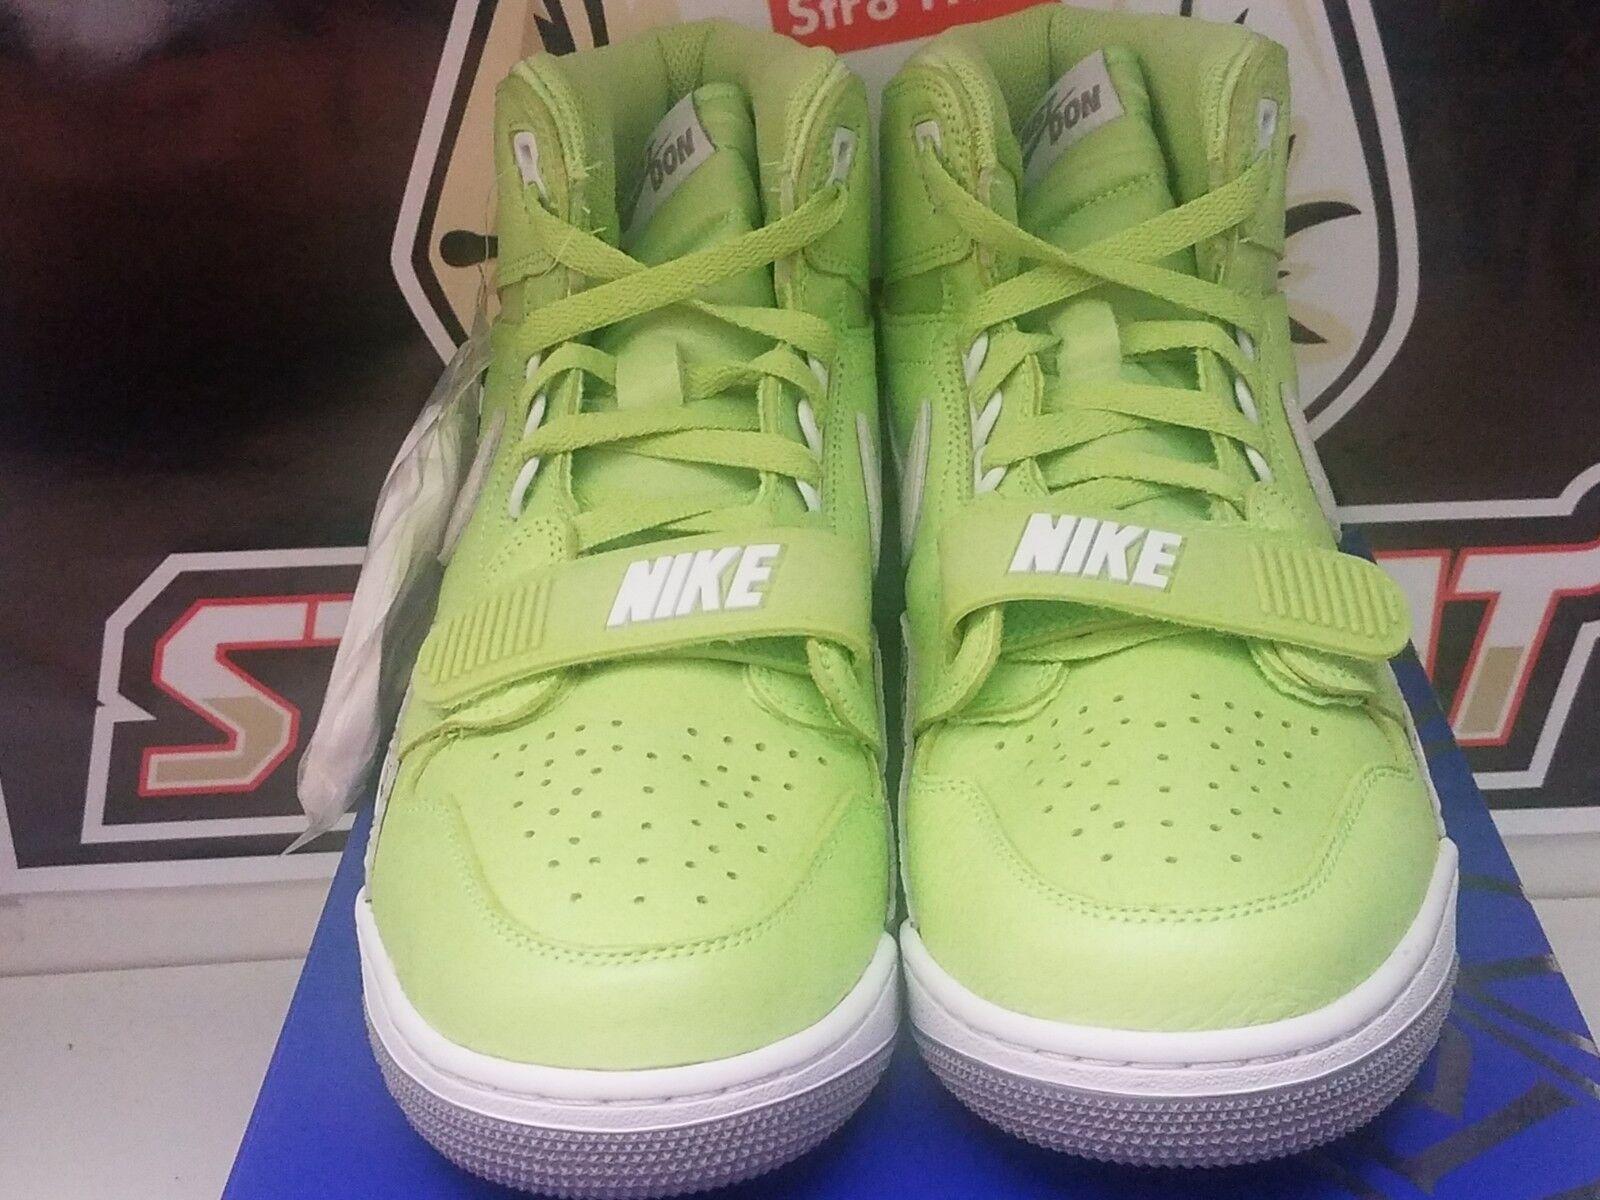 Nike will nur x jordanien vermächtnis 312 geist grüne grüne grüne größe 10,5 aq4160-301 neue 0fb02b